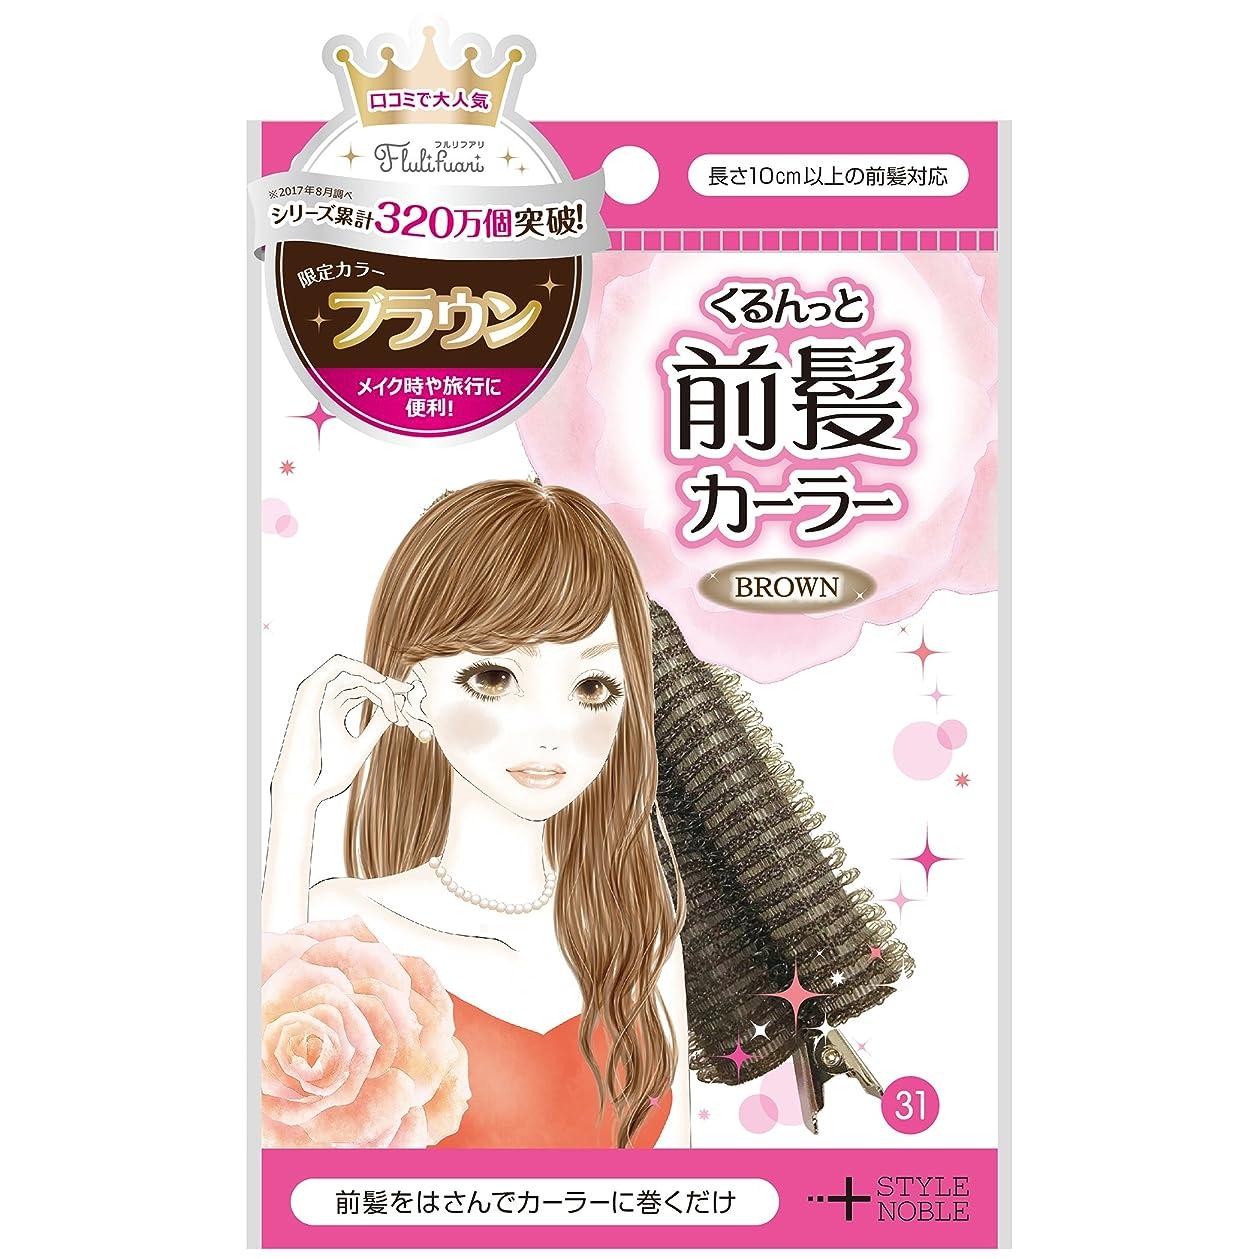 顔料思春期の背景フルリフアリ+ くるんっと前髪カーラー ブラウン (1個)